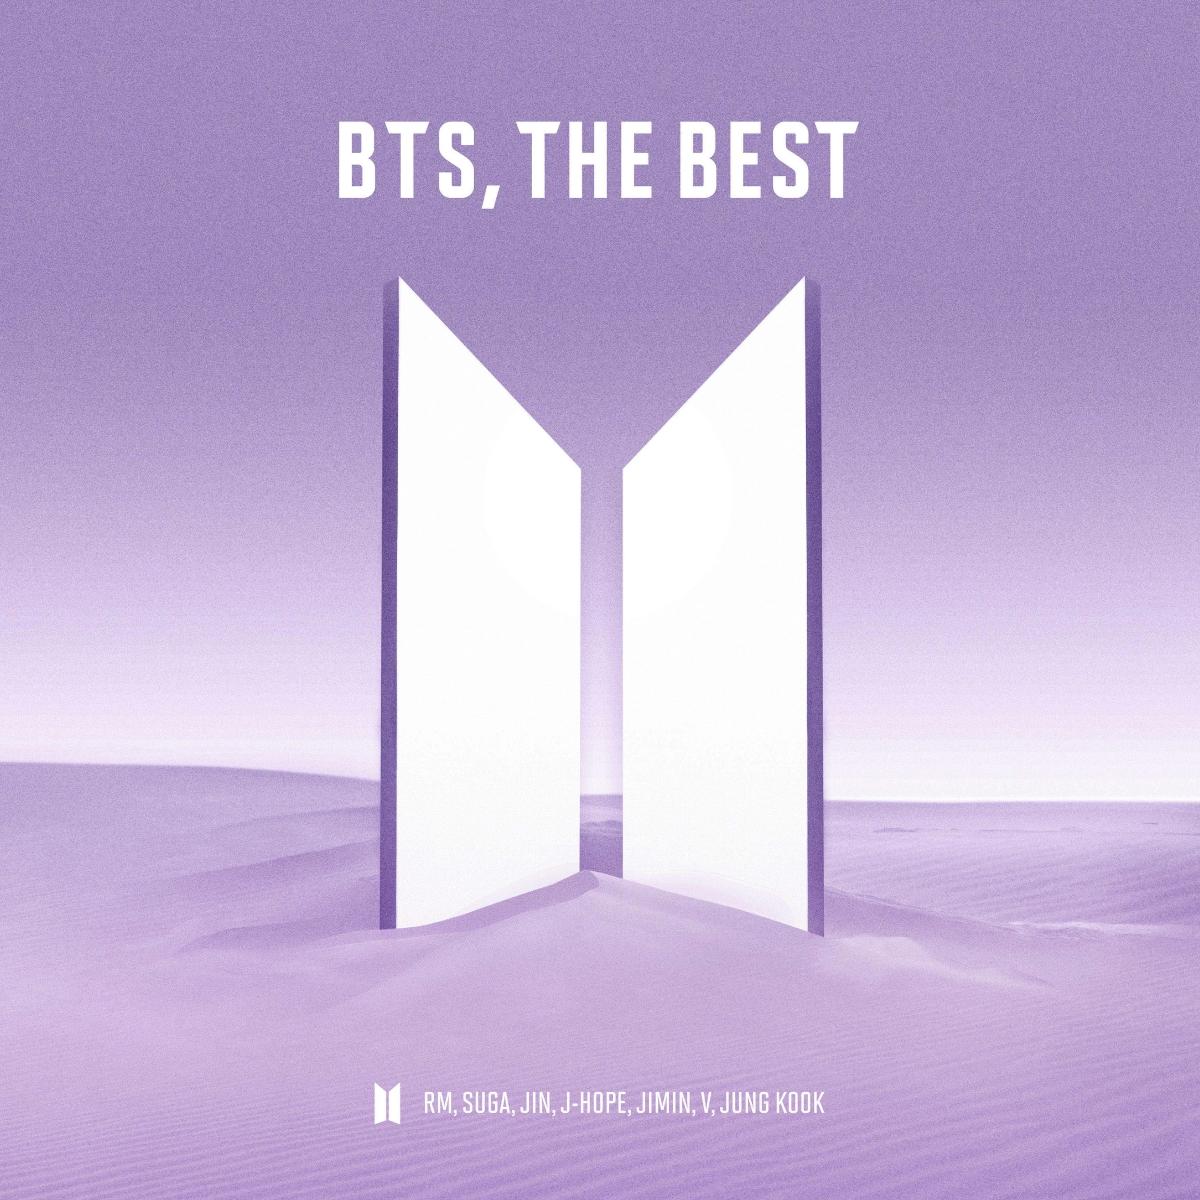 『BTS, THE BEST』 6/16発売!